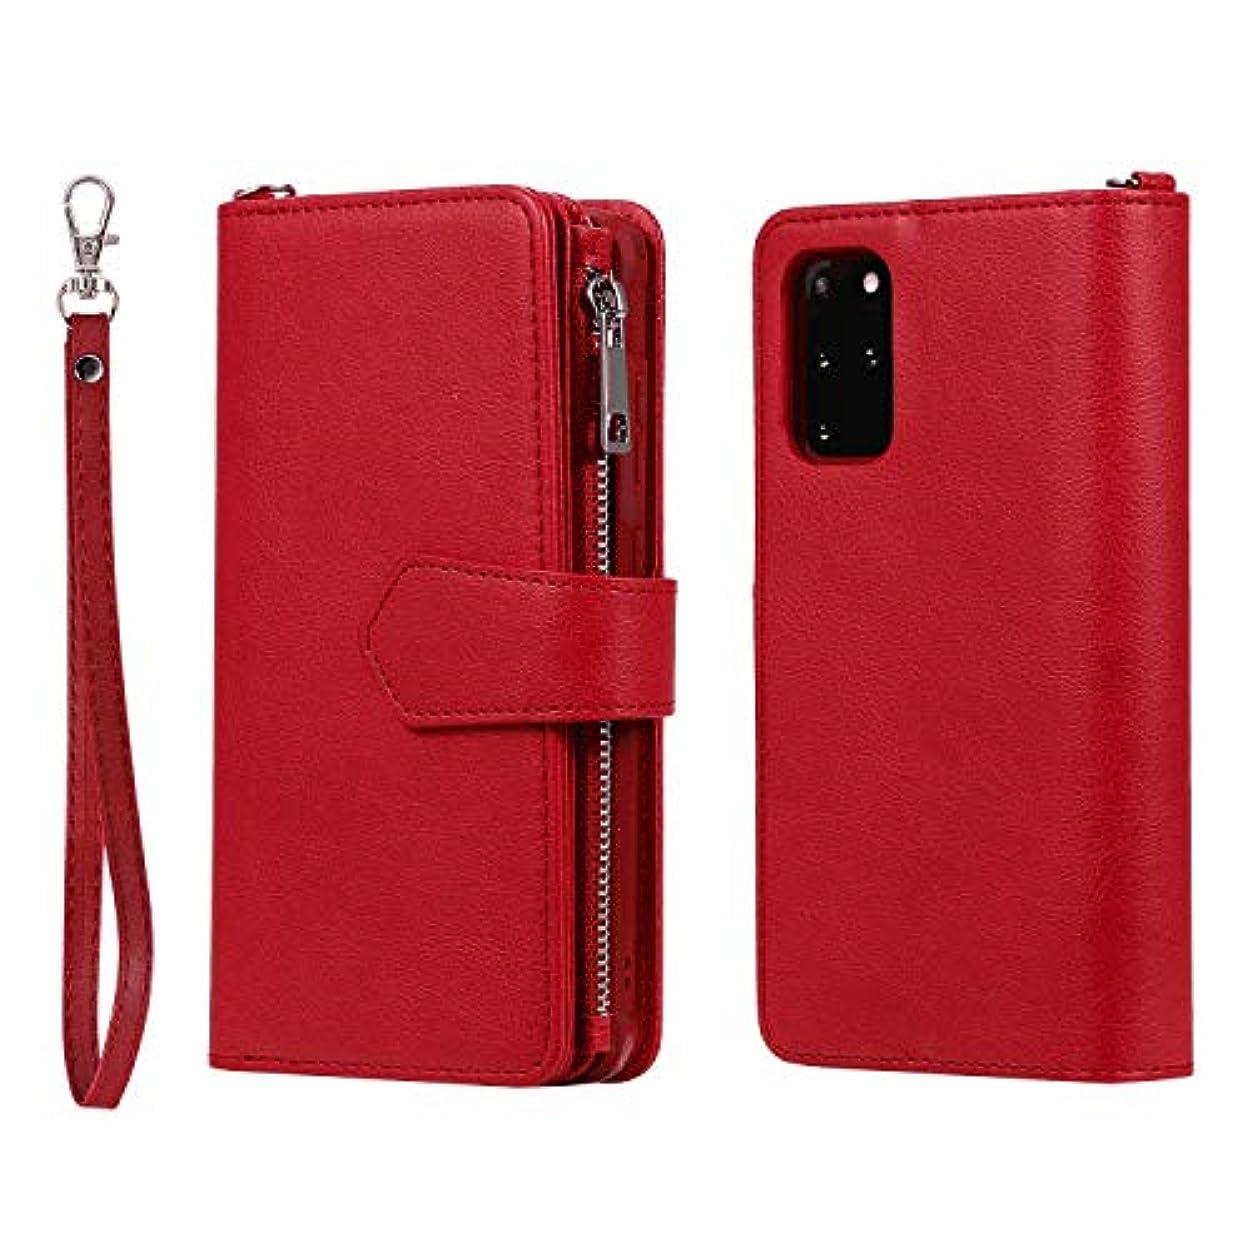 夜明けに嬉しいです陽気なPUレザー ケース 手帳型 対応 サムスン ギャラクシー Samsung Galaxy S10 5G 本革 財布 耐摩擦 携帯カバー カバー収納 手帳型ケース